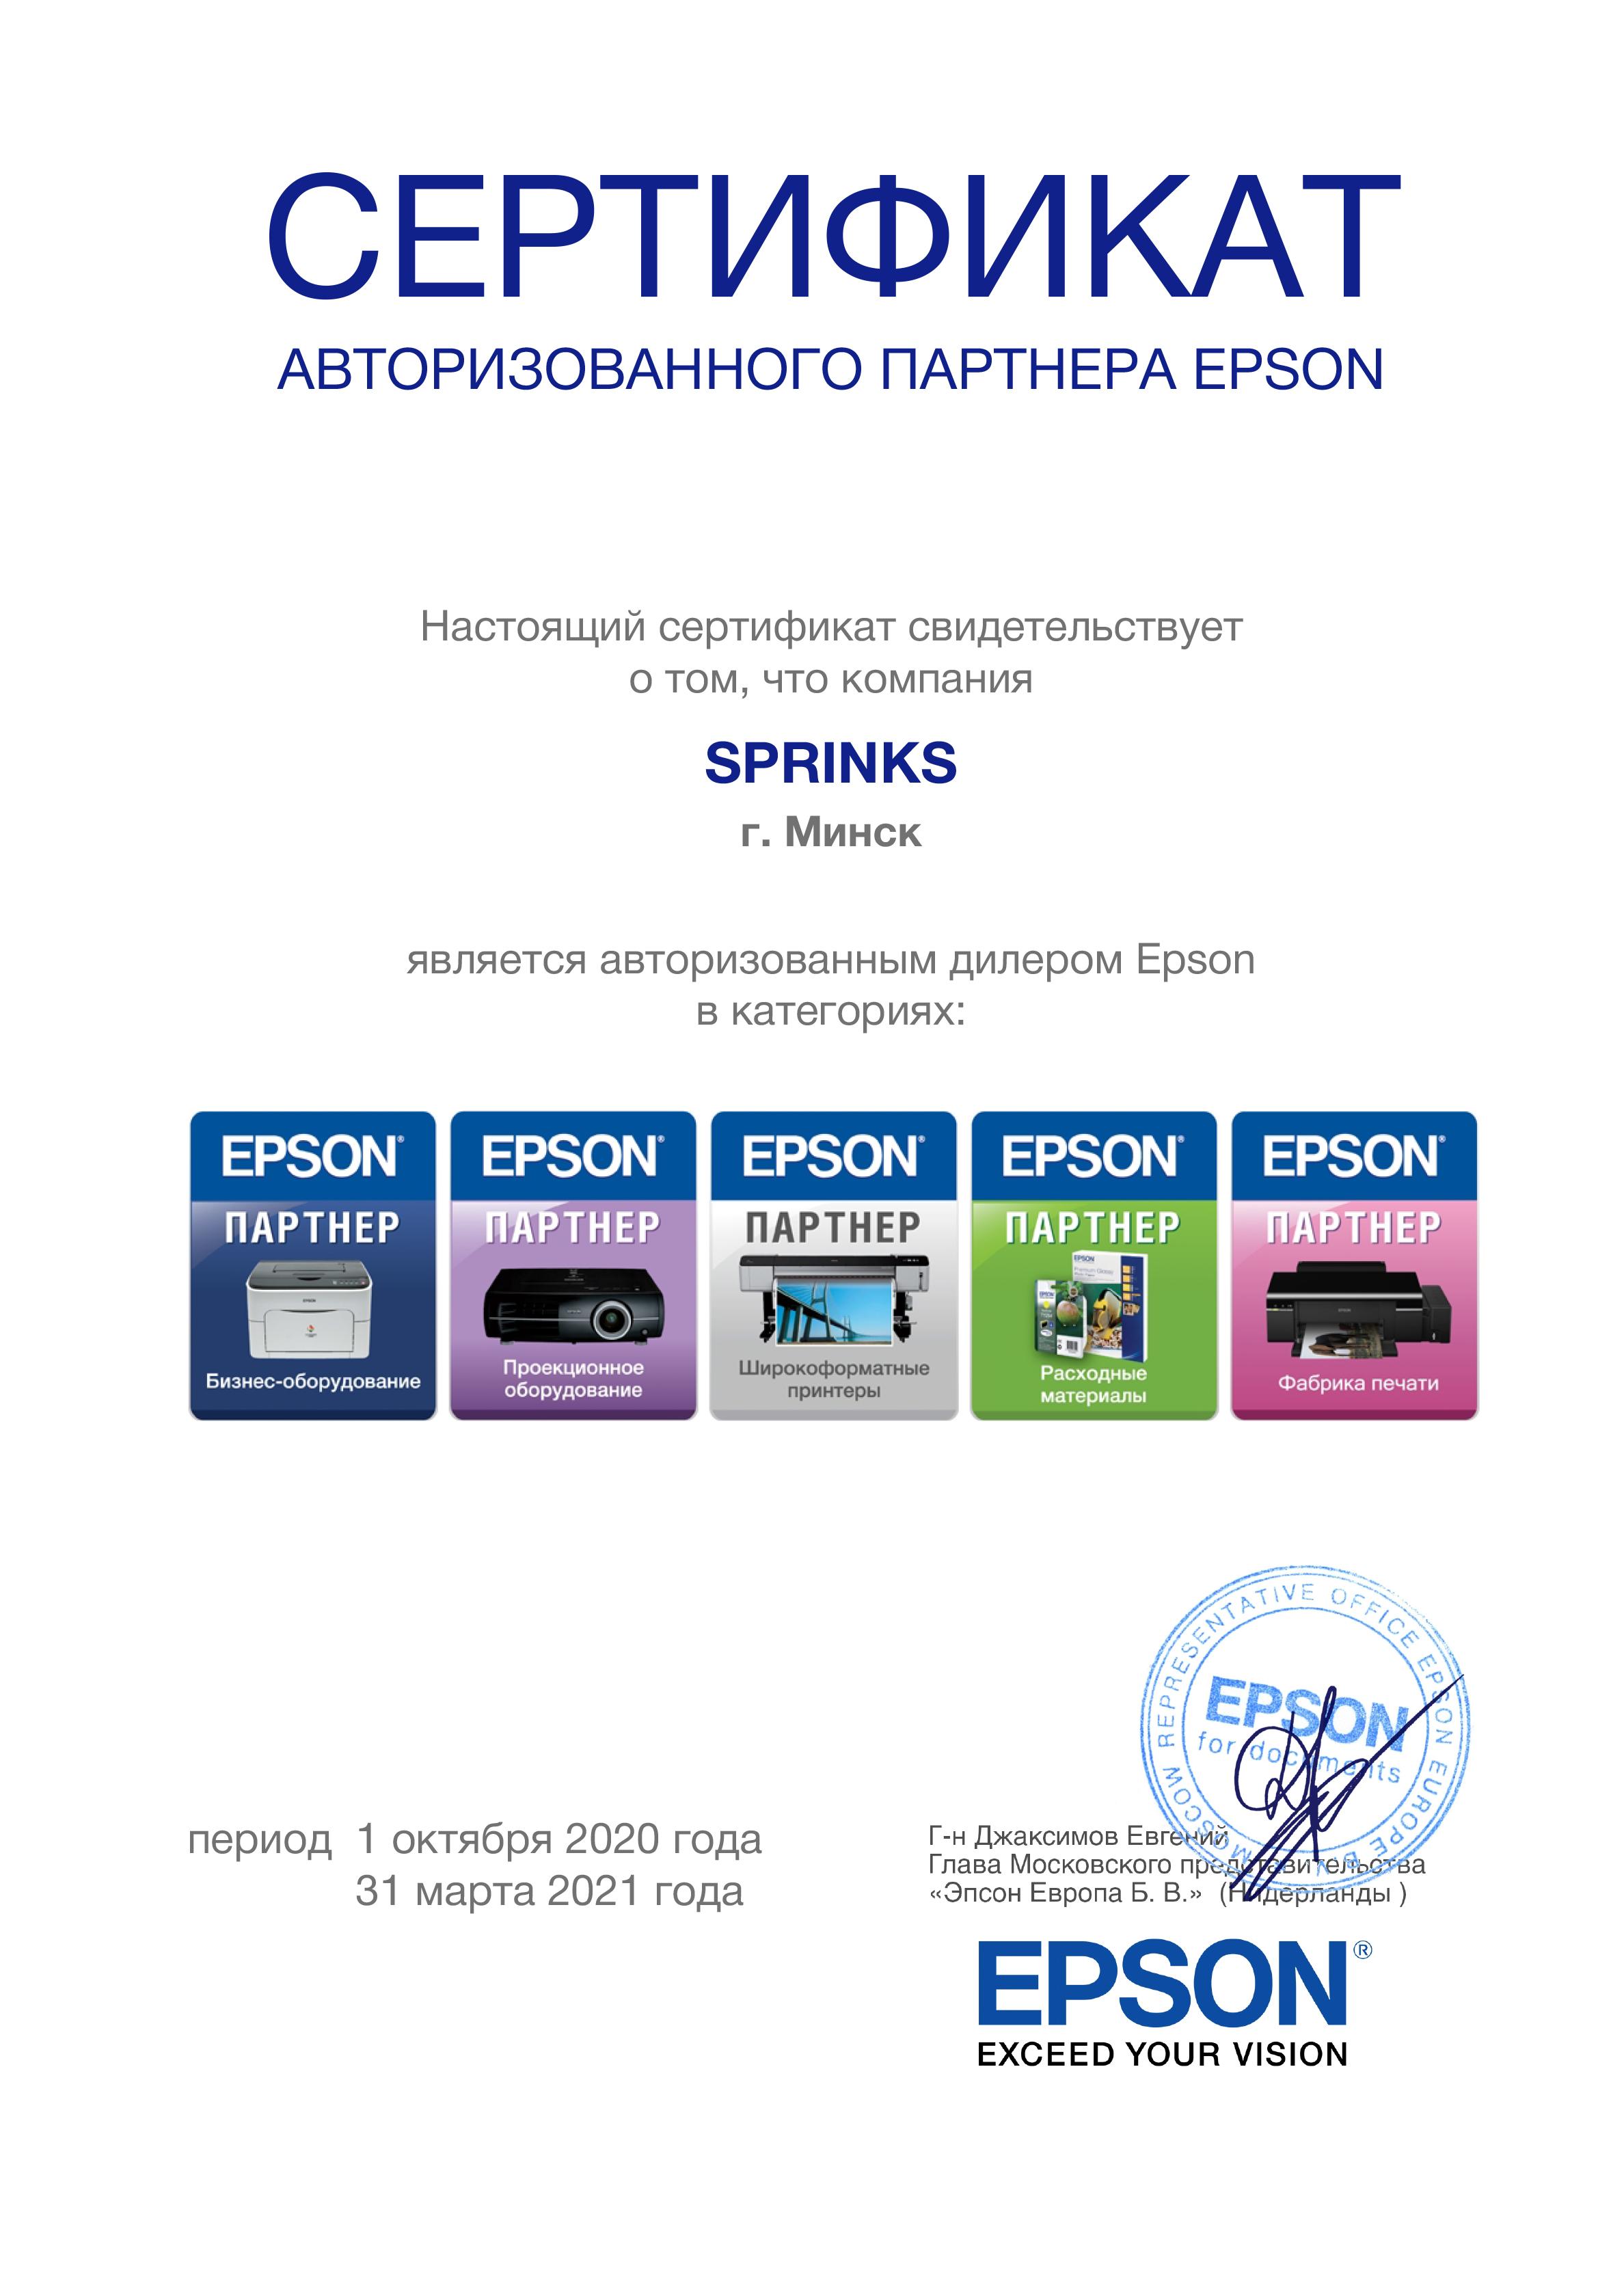 Сертификат Epson